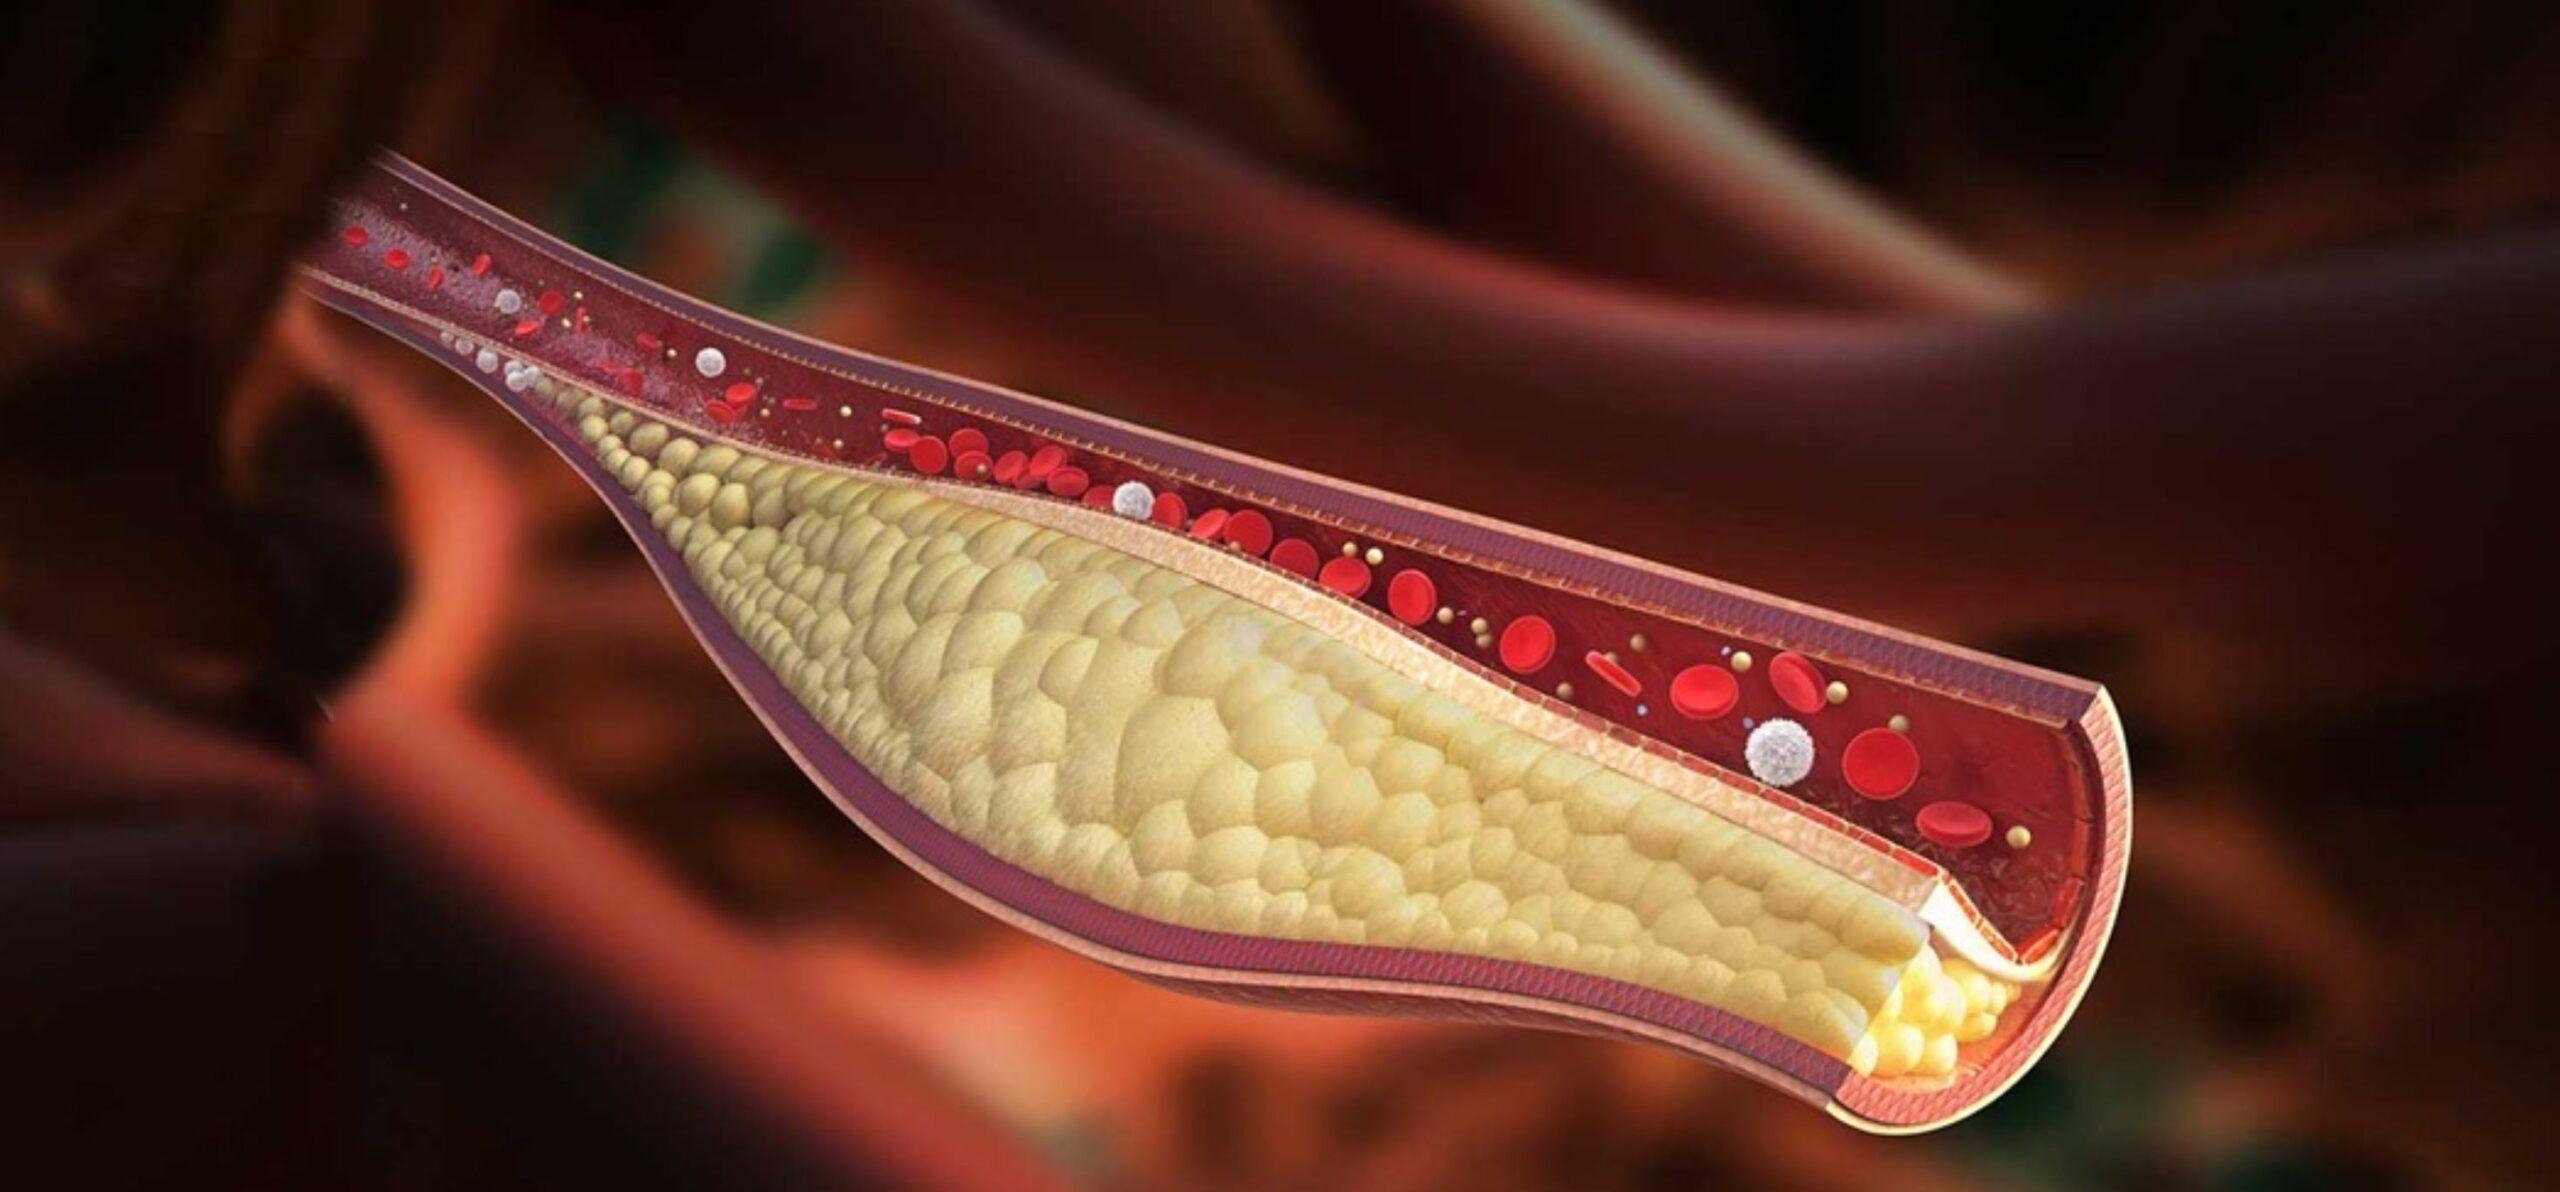 19 Best Curățarea vaselor sanguine ideas | sănătate, ceaiuri, sfaturi pentru sănătate